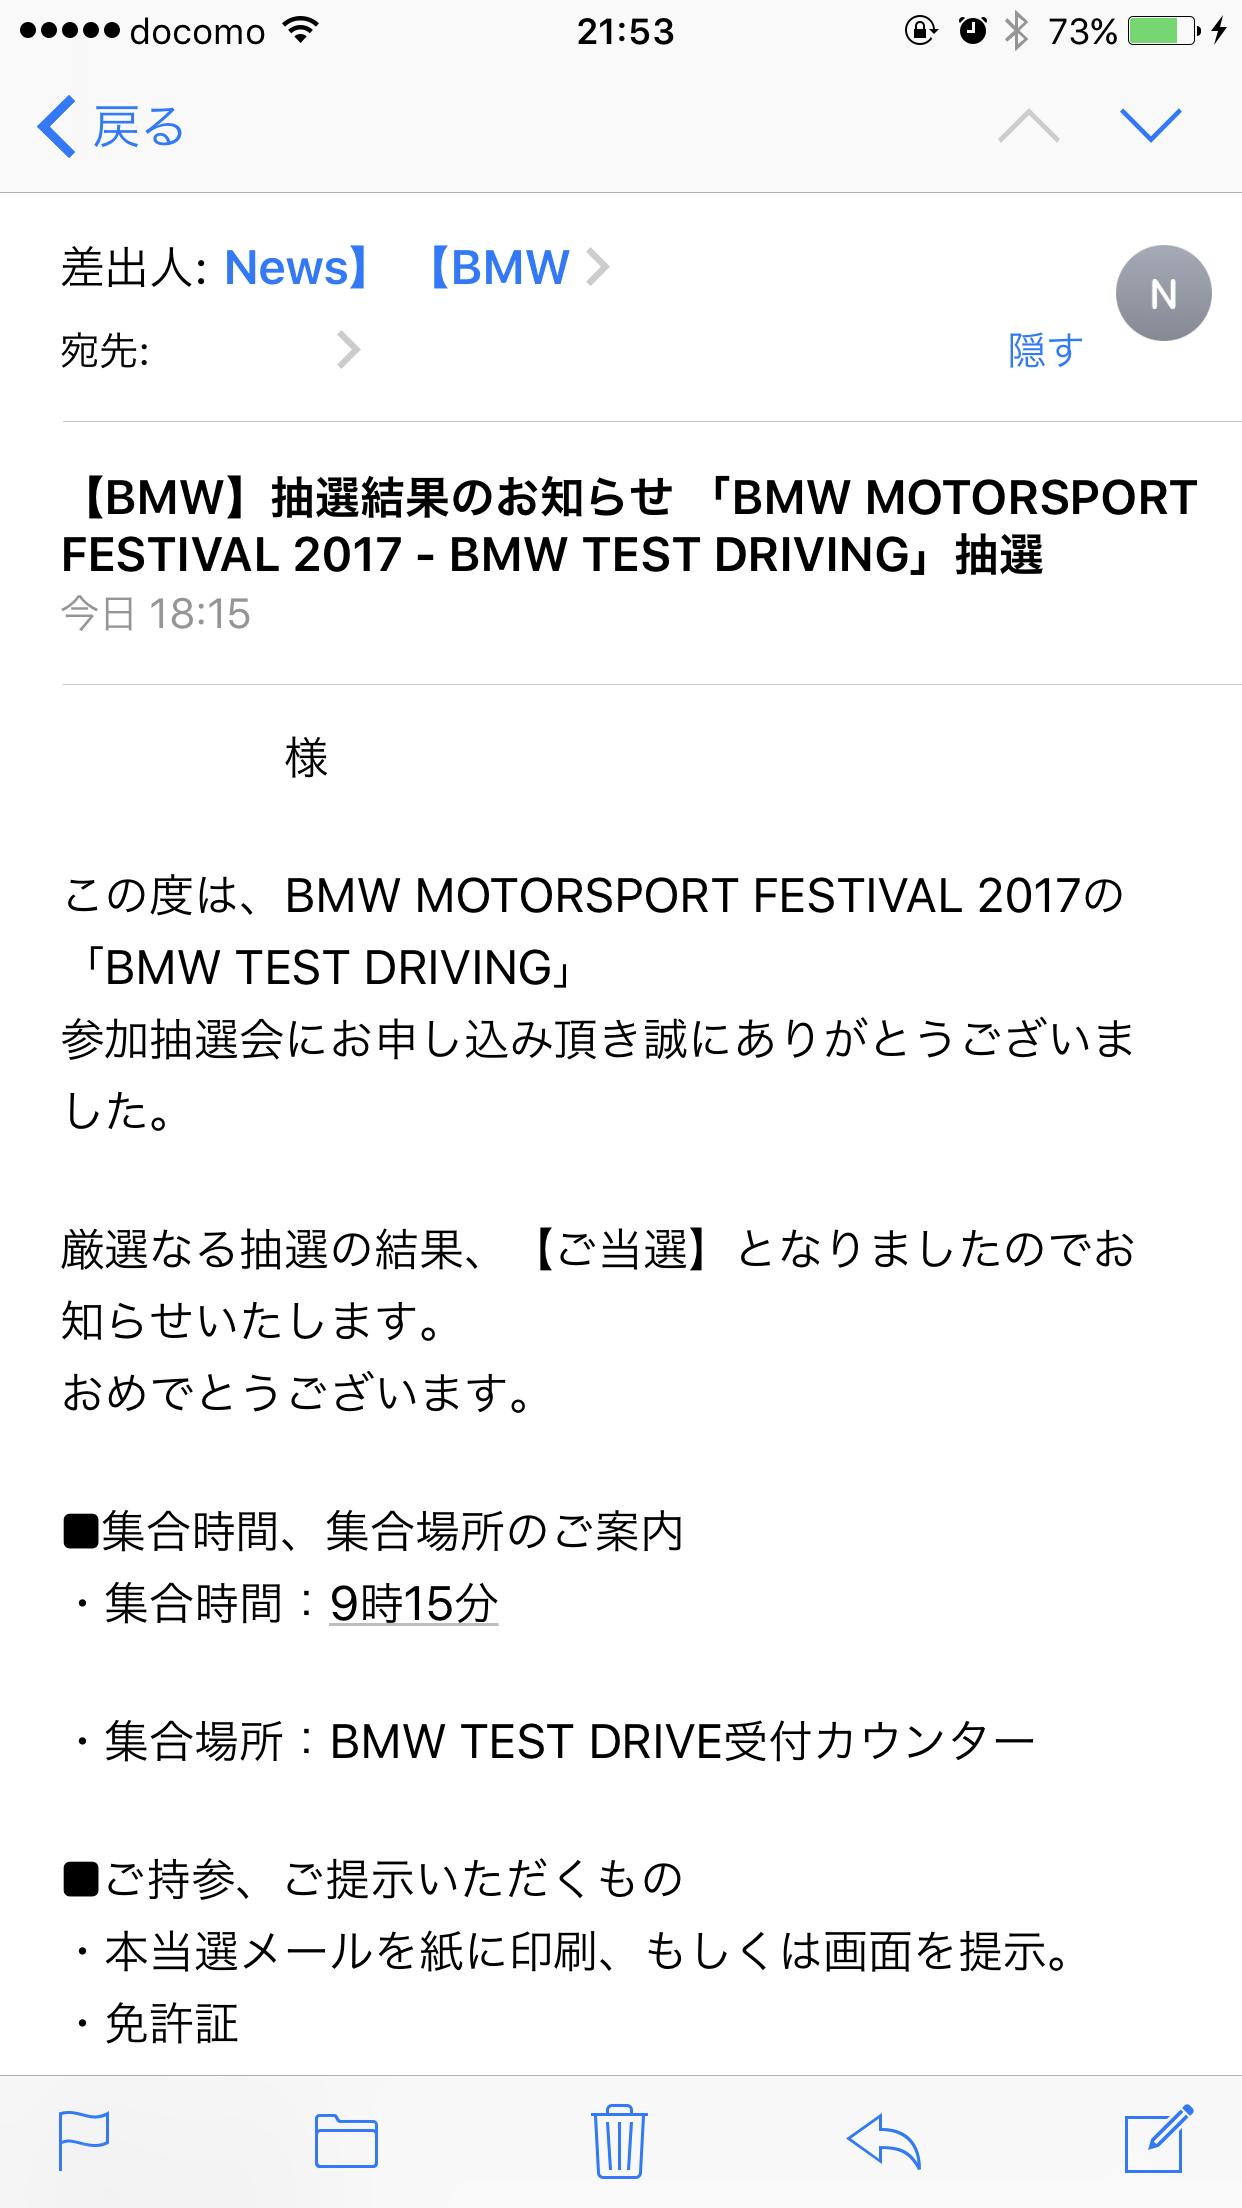 来週のBMW MOTORSPORT FESTIVAL2017-BMWテストドライビングの抽選に当選したので、行くことにしました♪